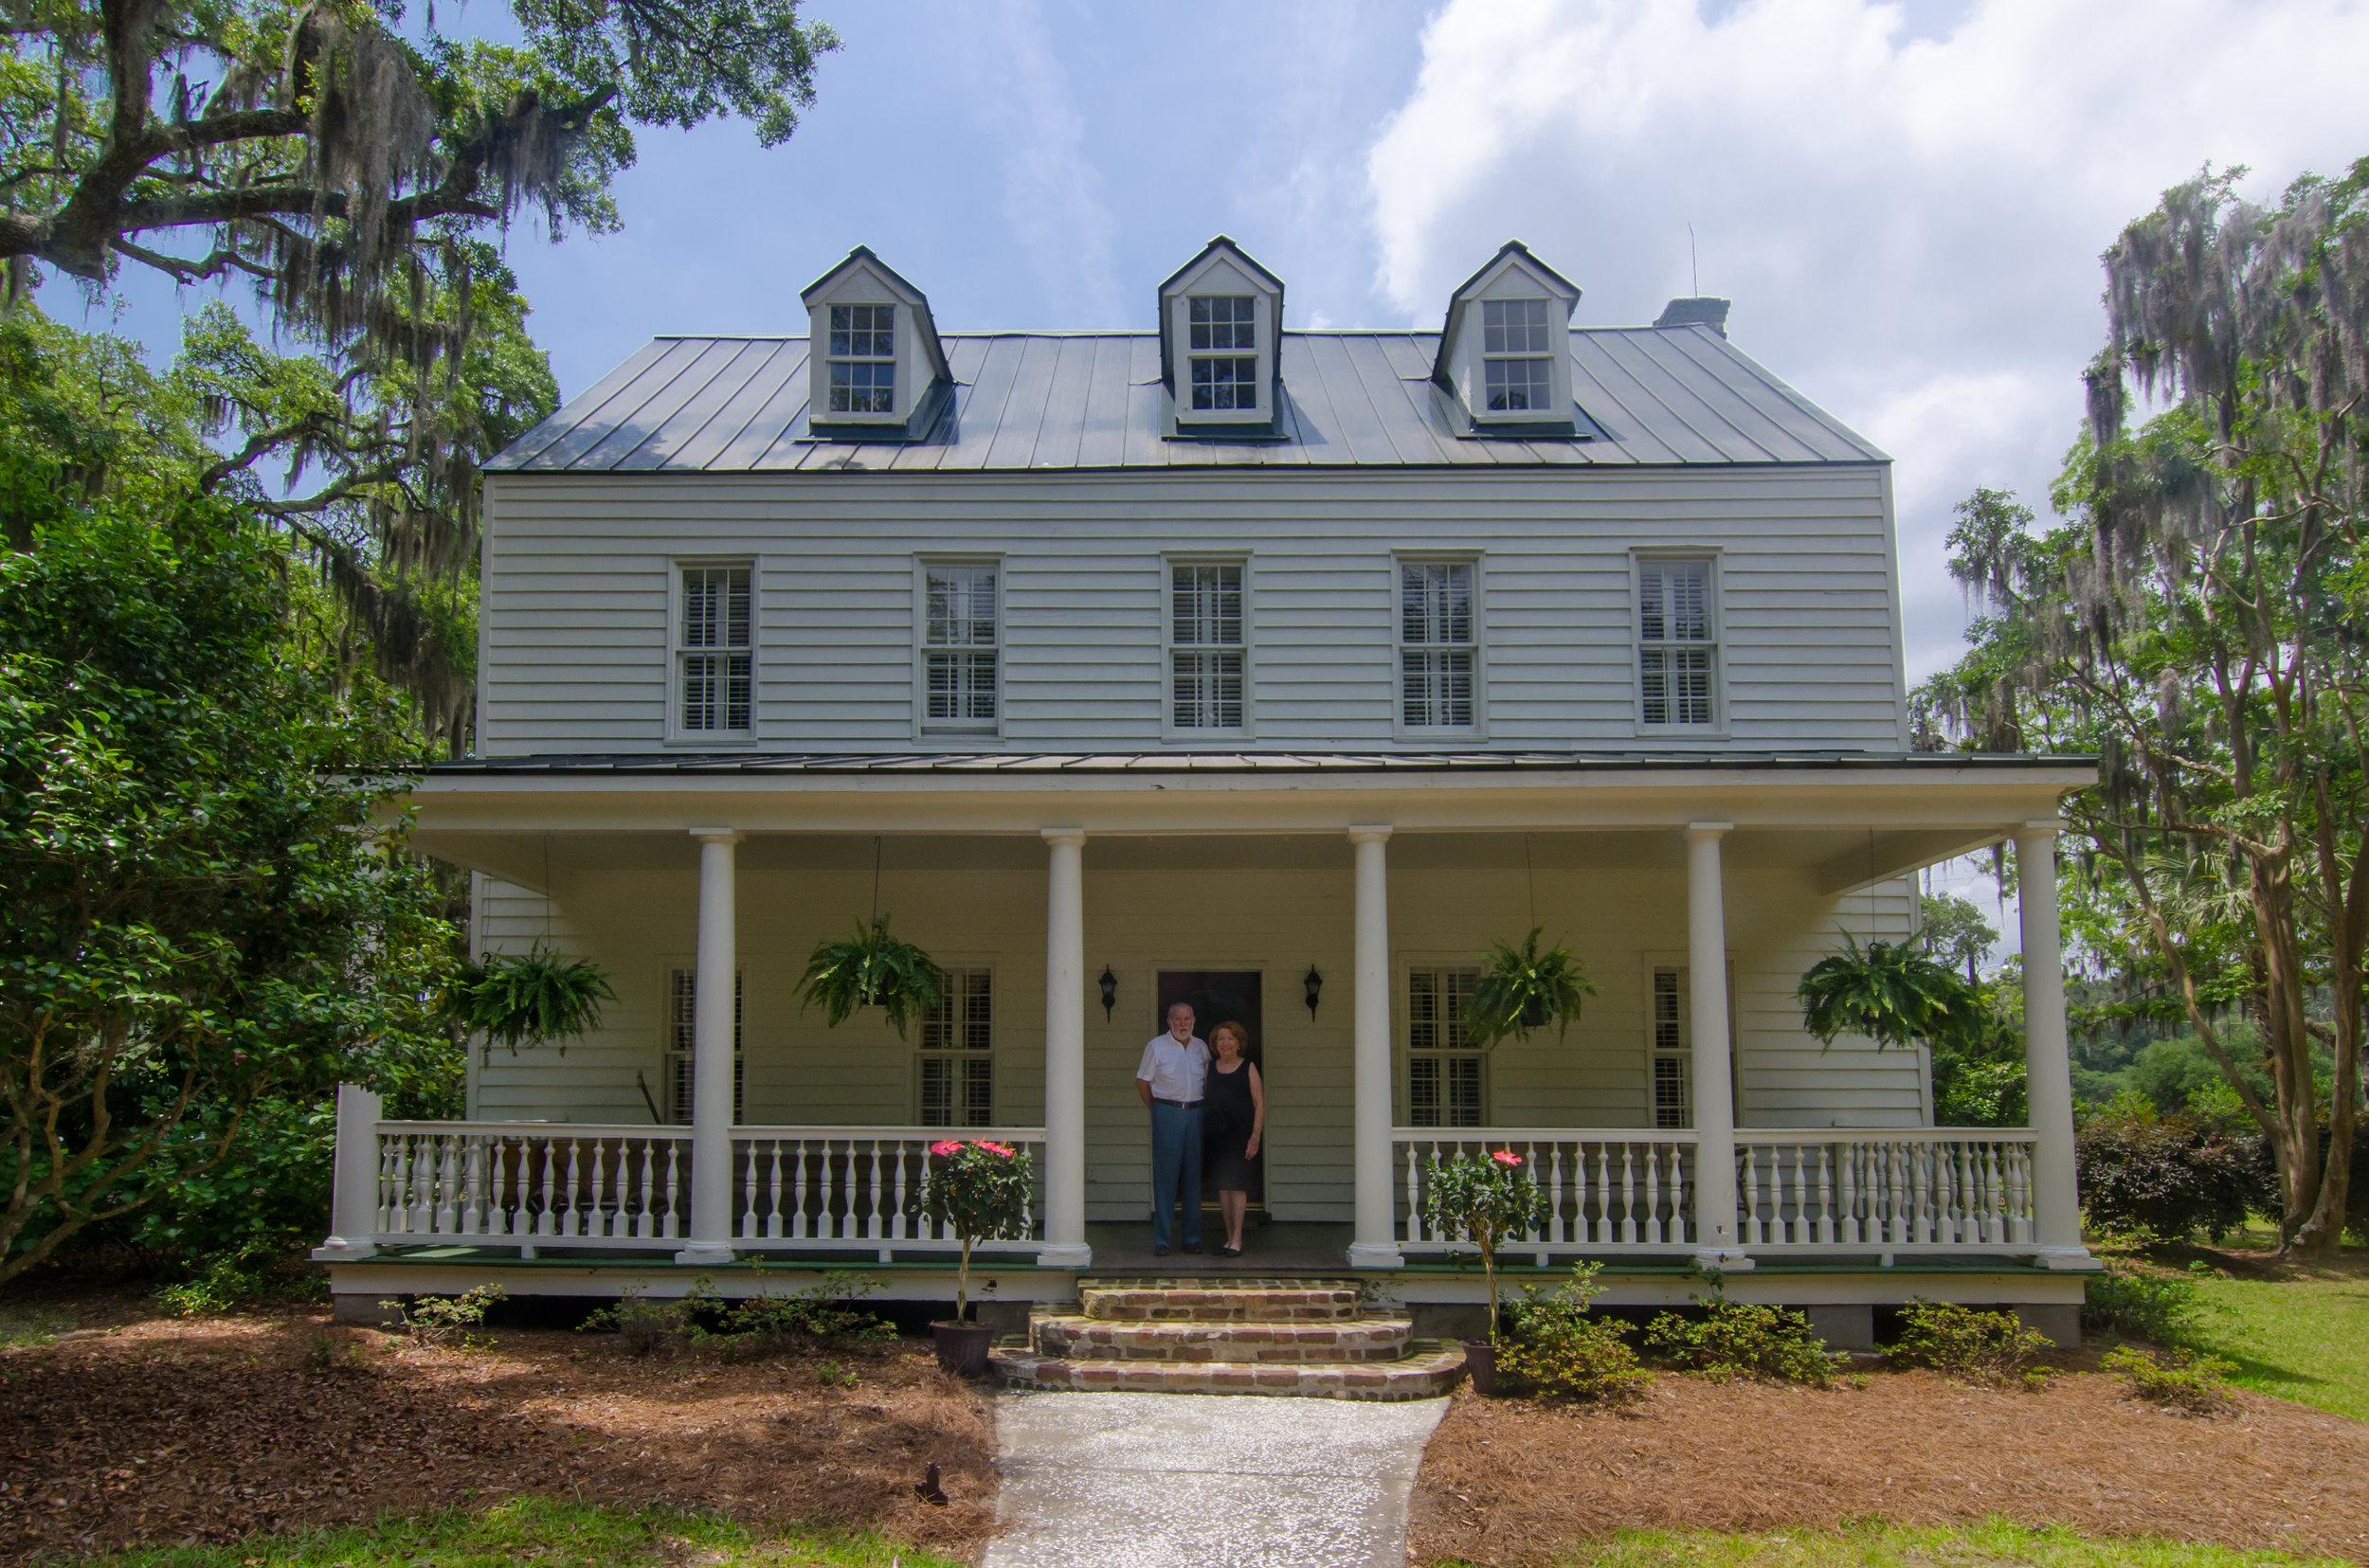 Bailey_House-9484.jpg